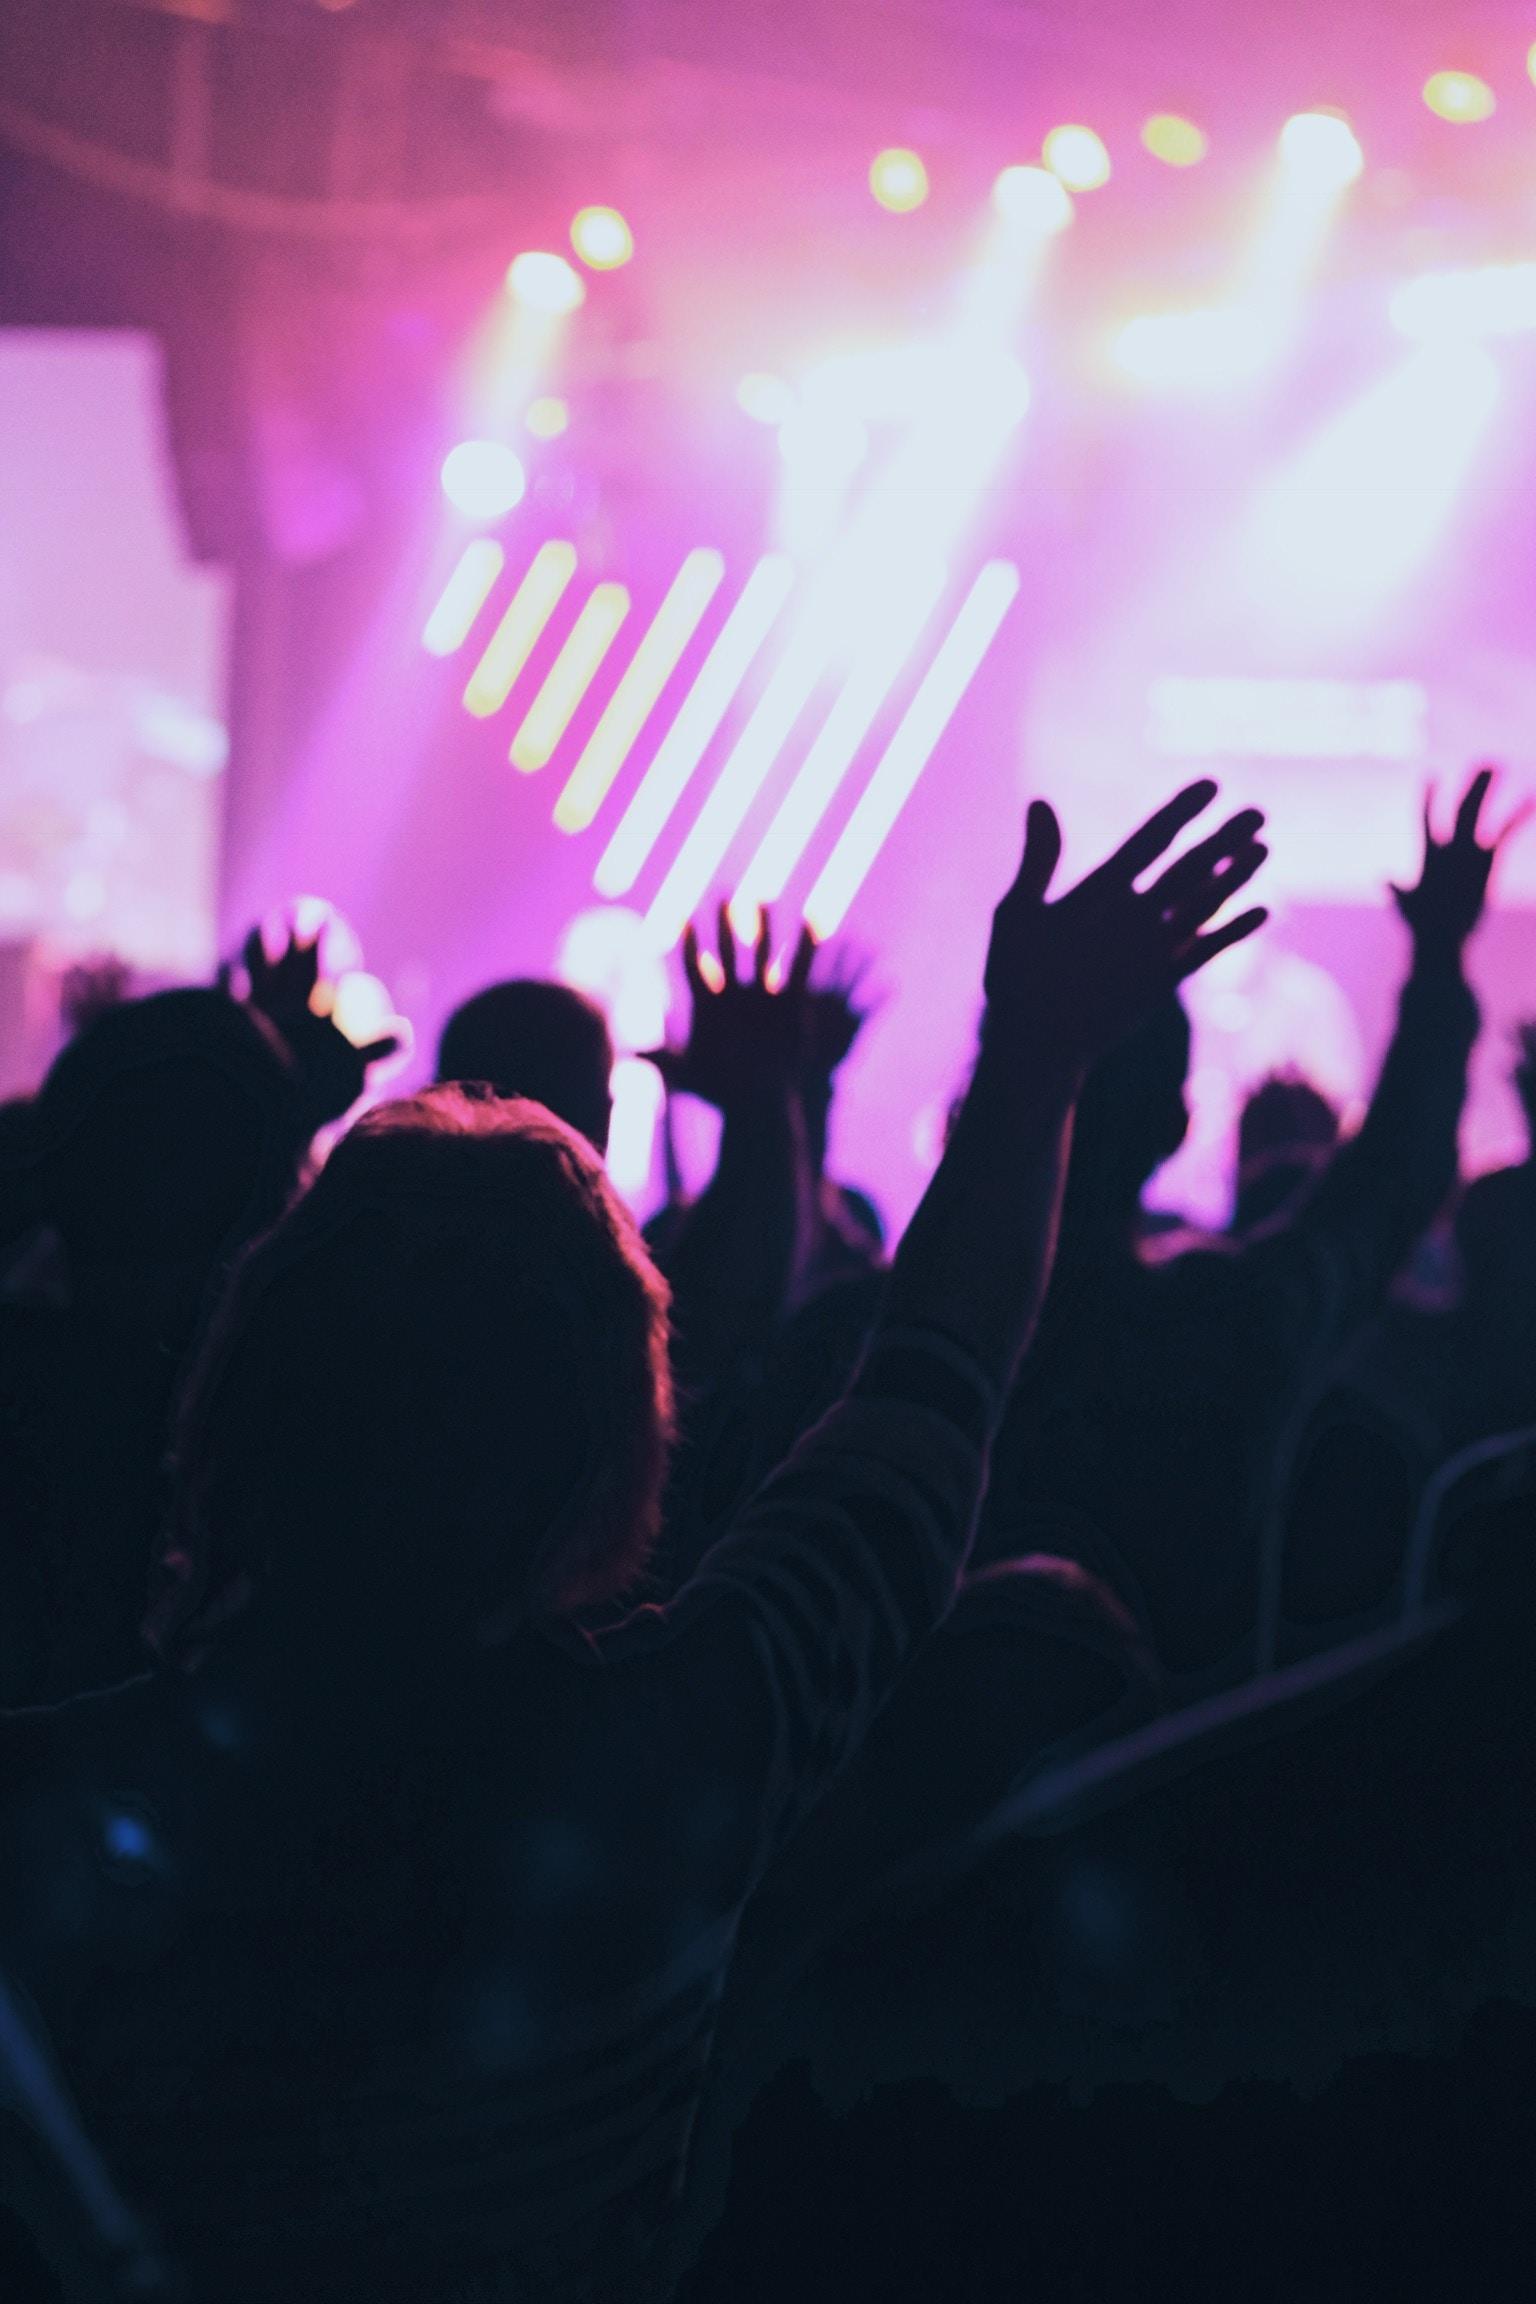 group of people praising